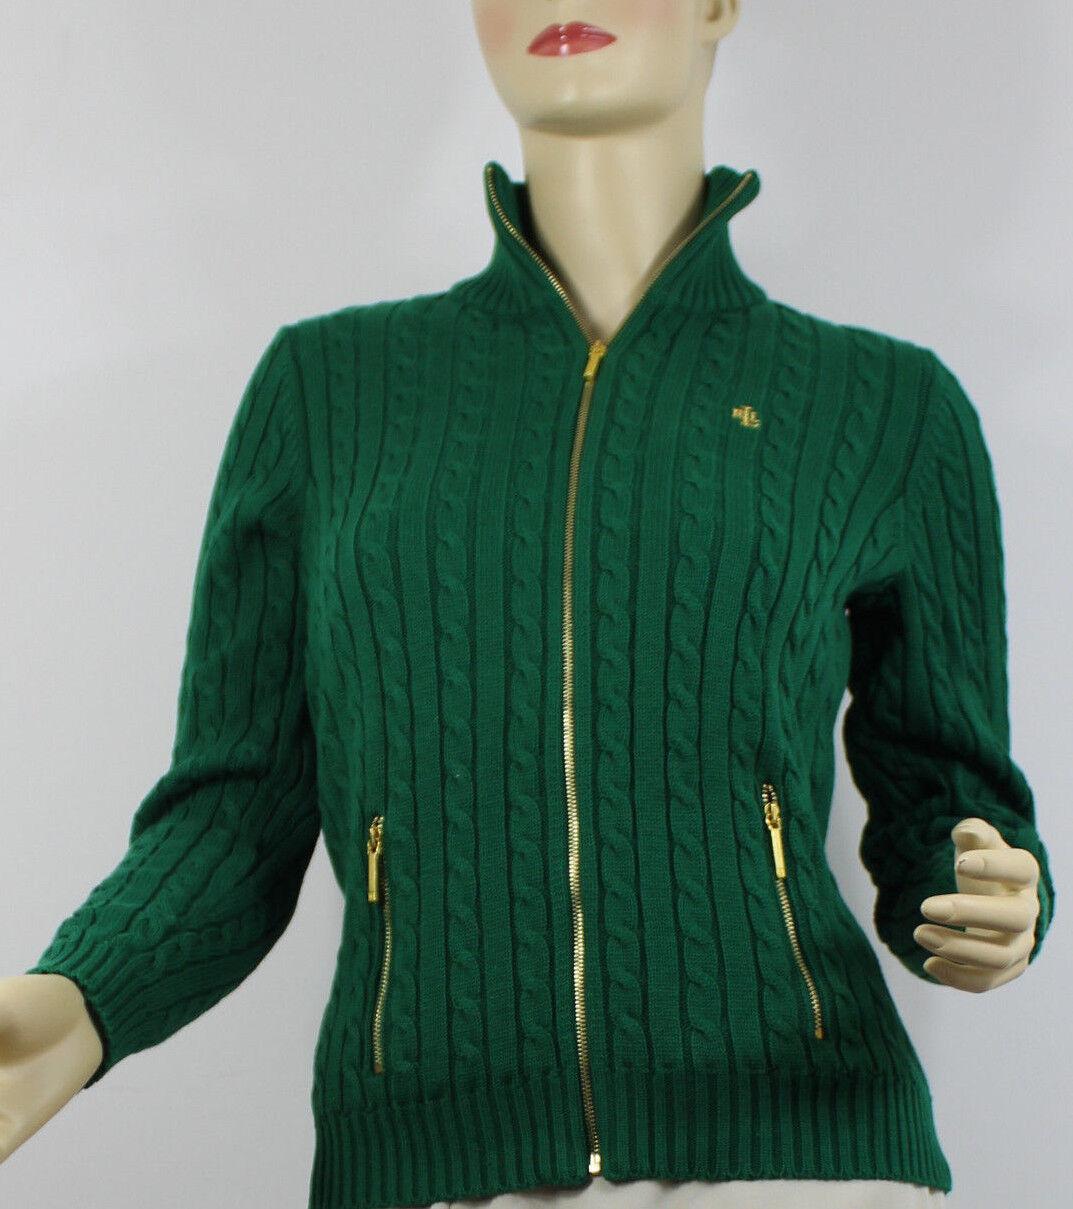 Ralph Lauren Sweater Cable Knit Womens XS Green Gold ZIPPER Cotton ...